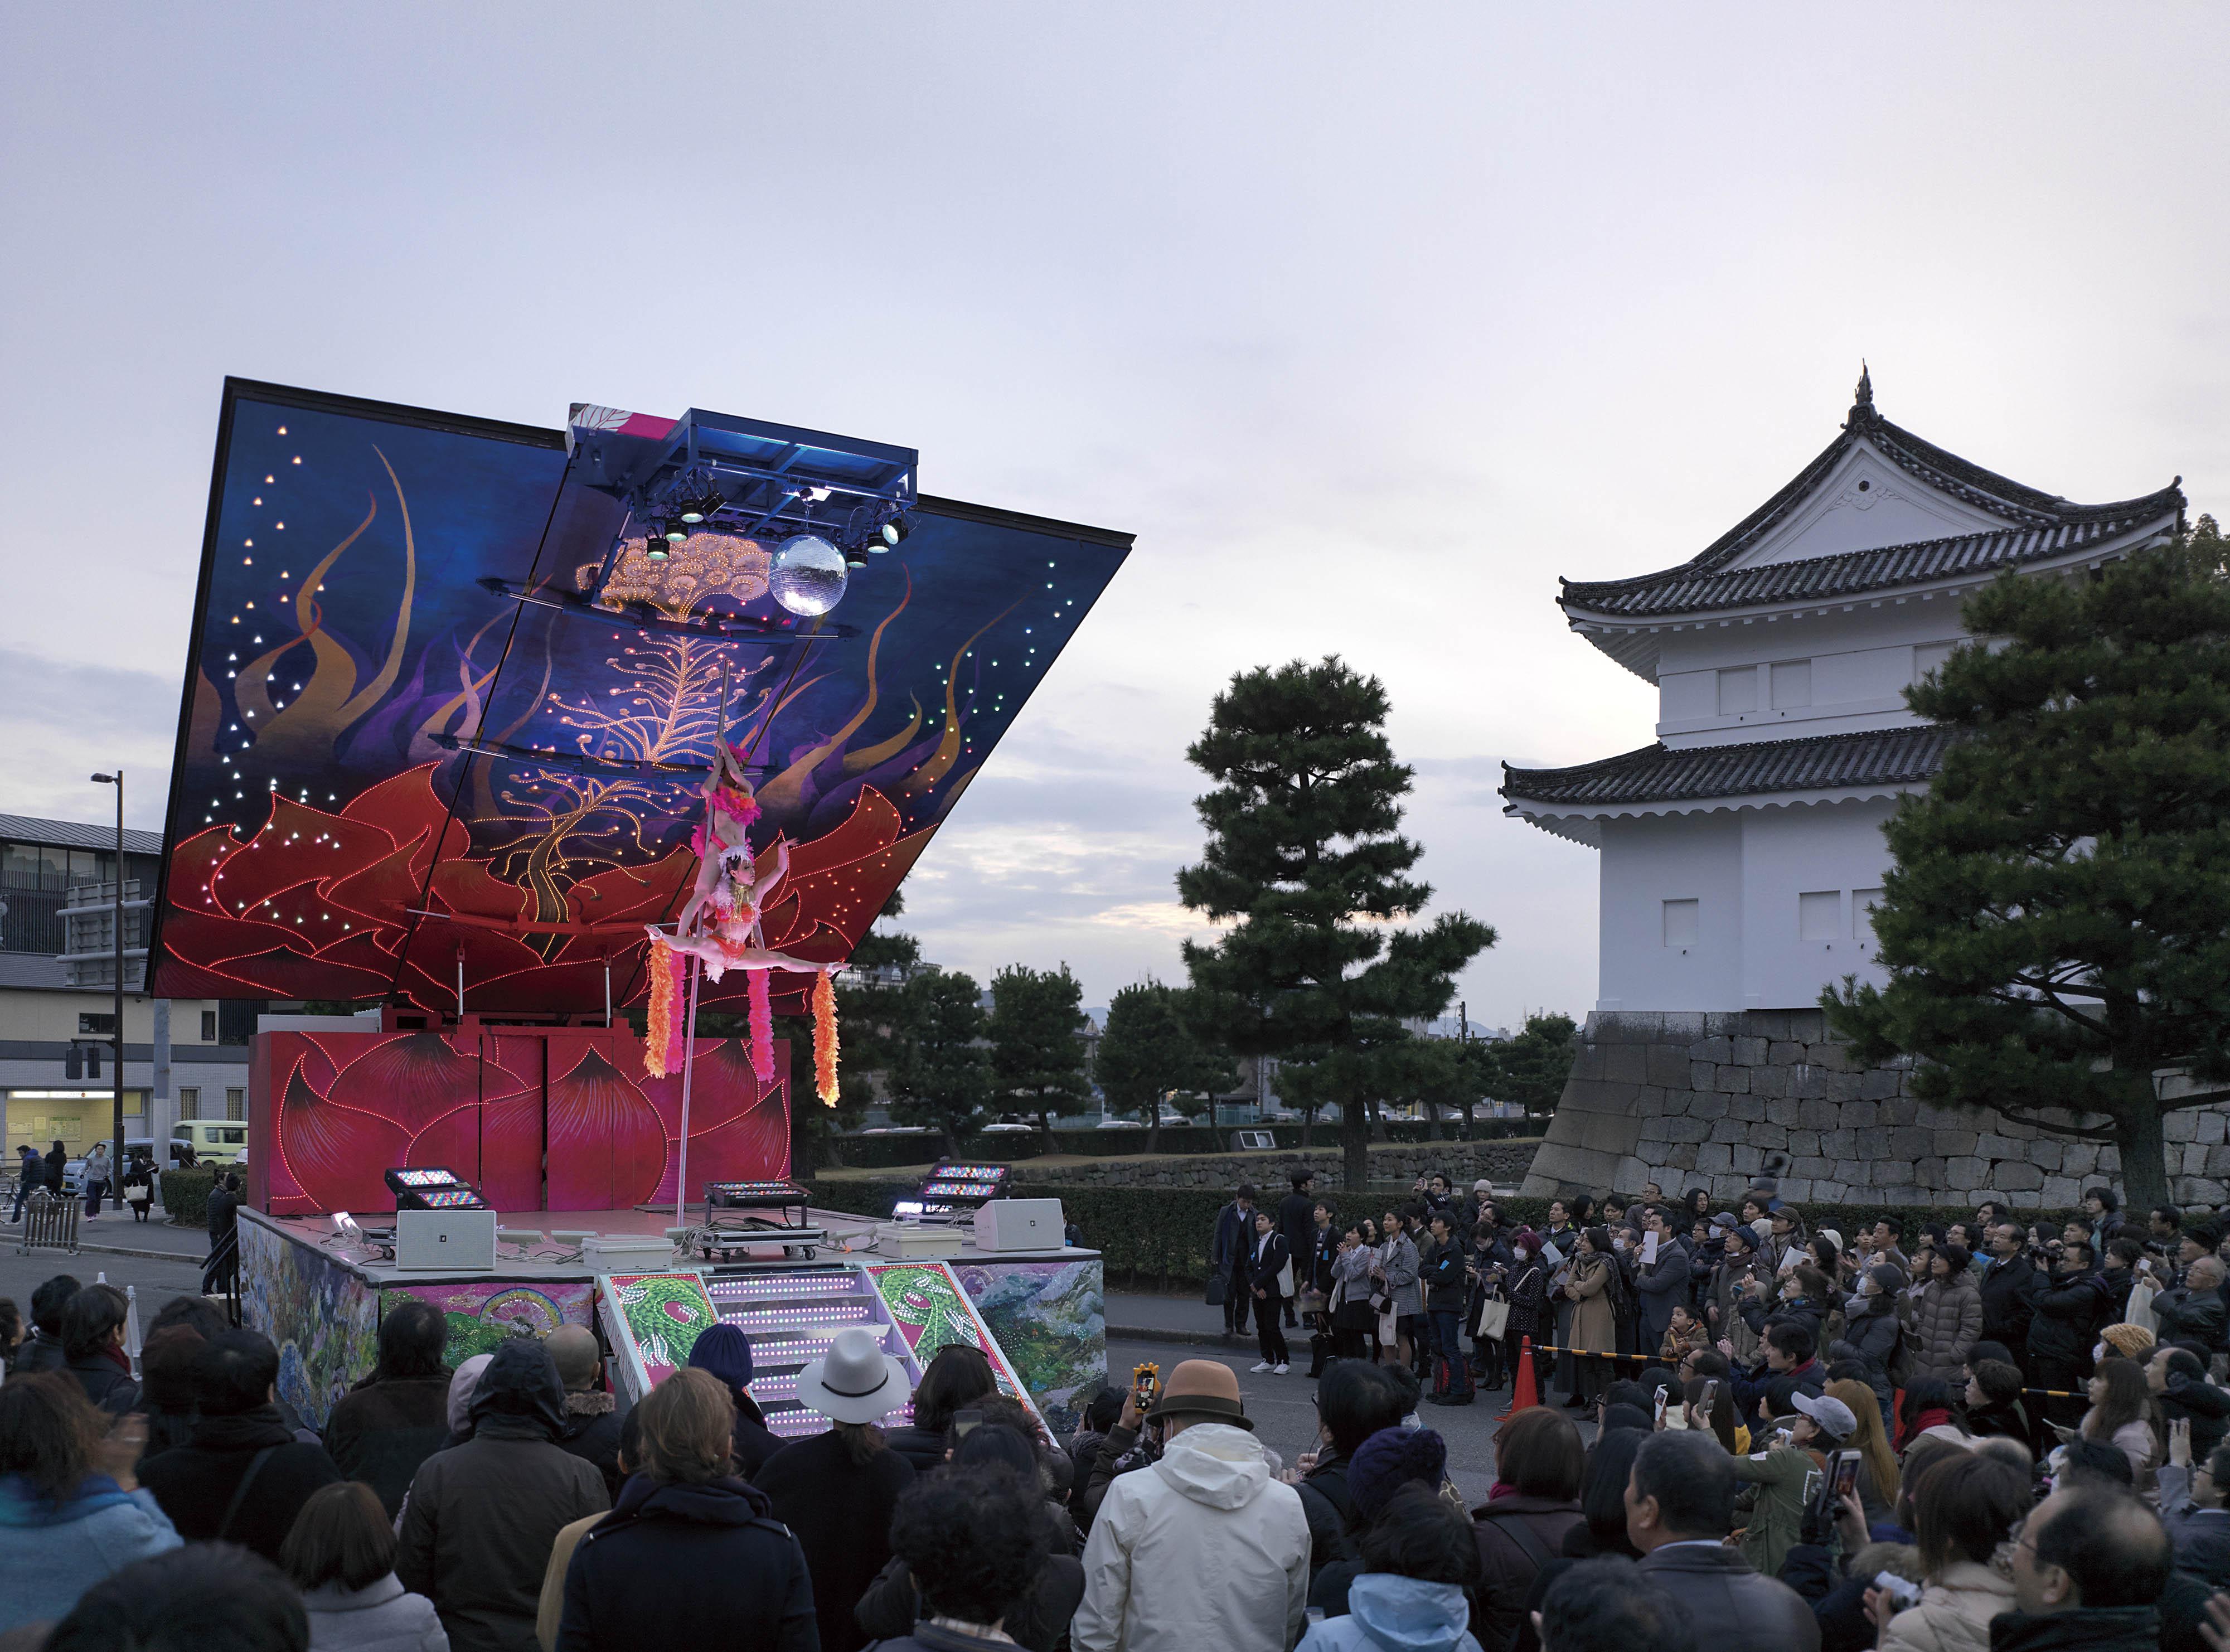 パラソフィア京都国際現代芸術祭における二条城でのイベント風景 2015 年 3 月 6 日 撮影:表恒匡